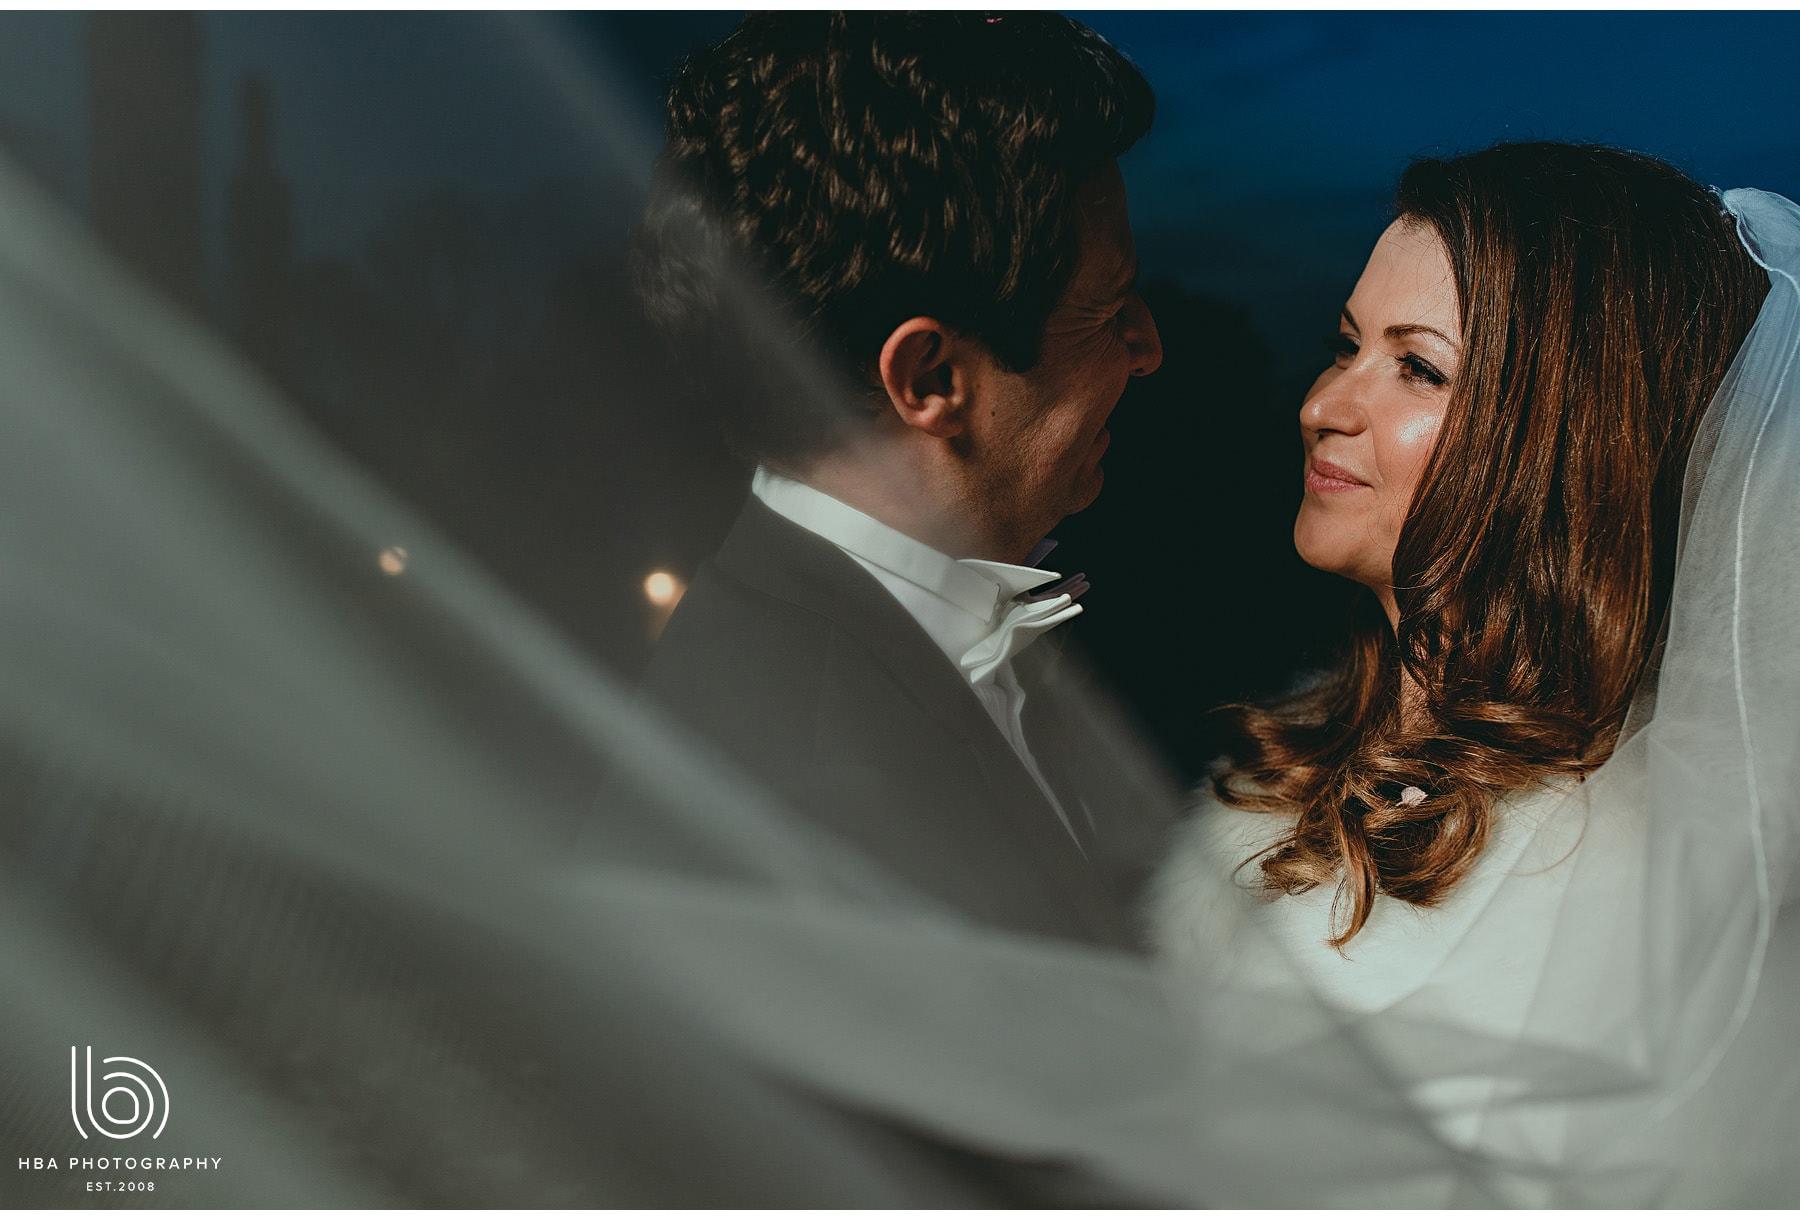 the bride & groom through the veil